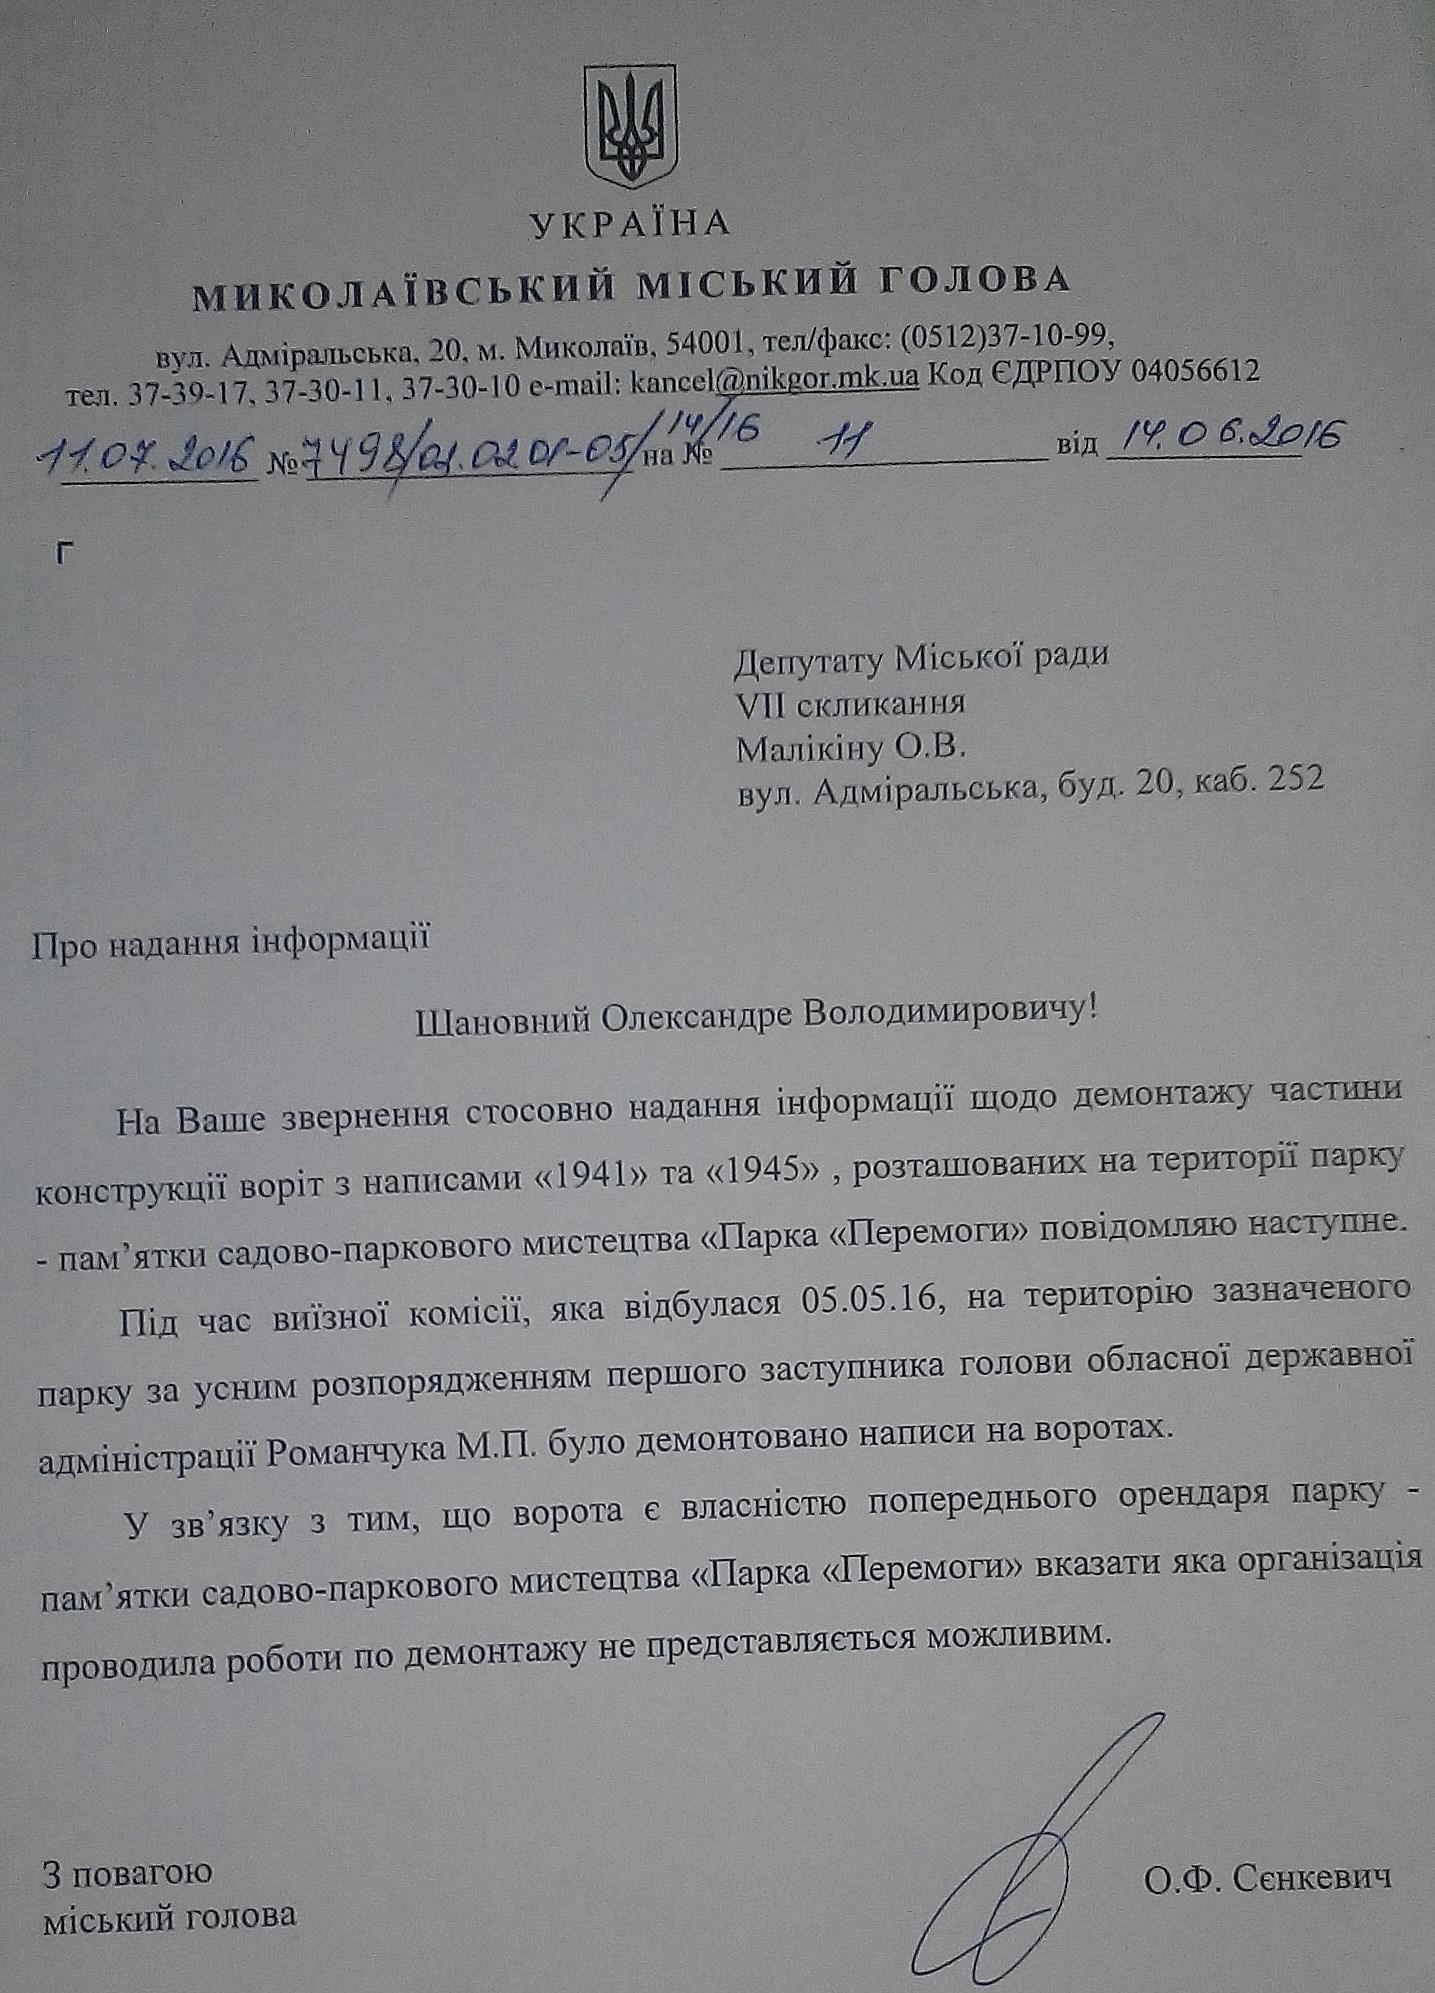 Мер Миколаєва заявив, що зрізати дати війни з воріт парку розпорядився Романчук - фото 3